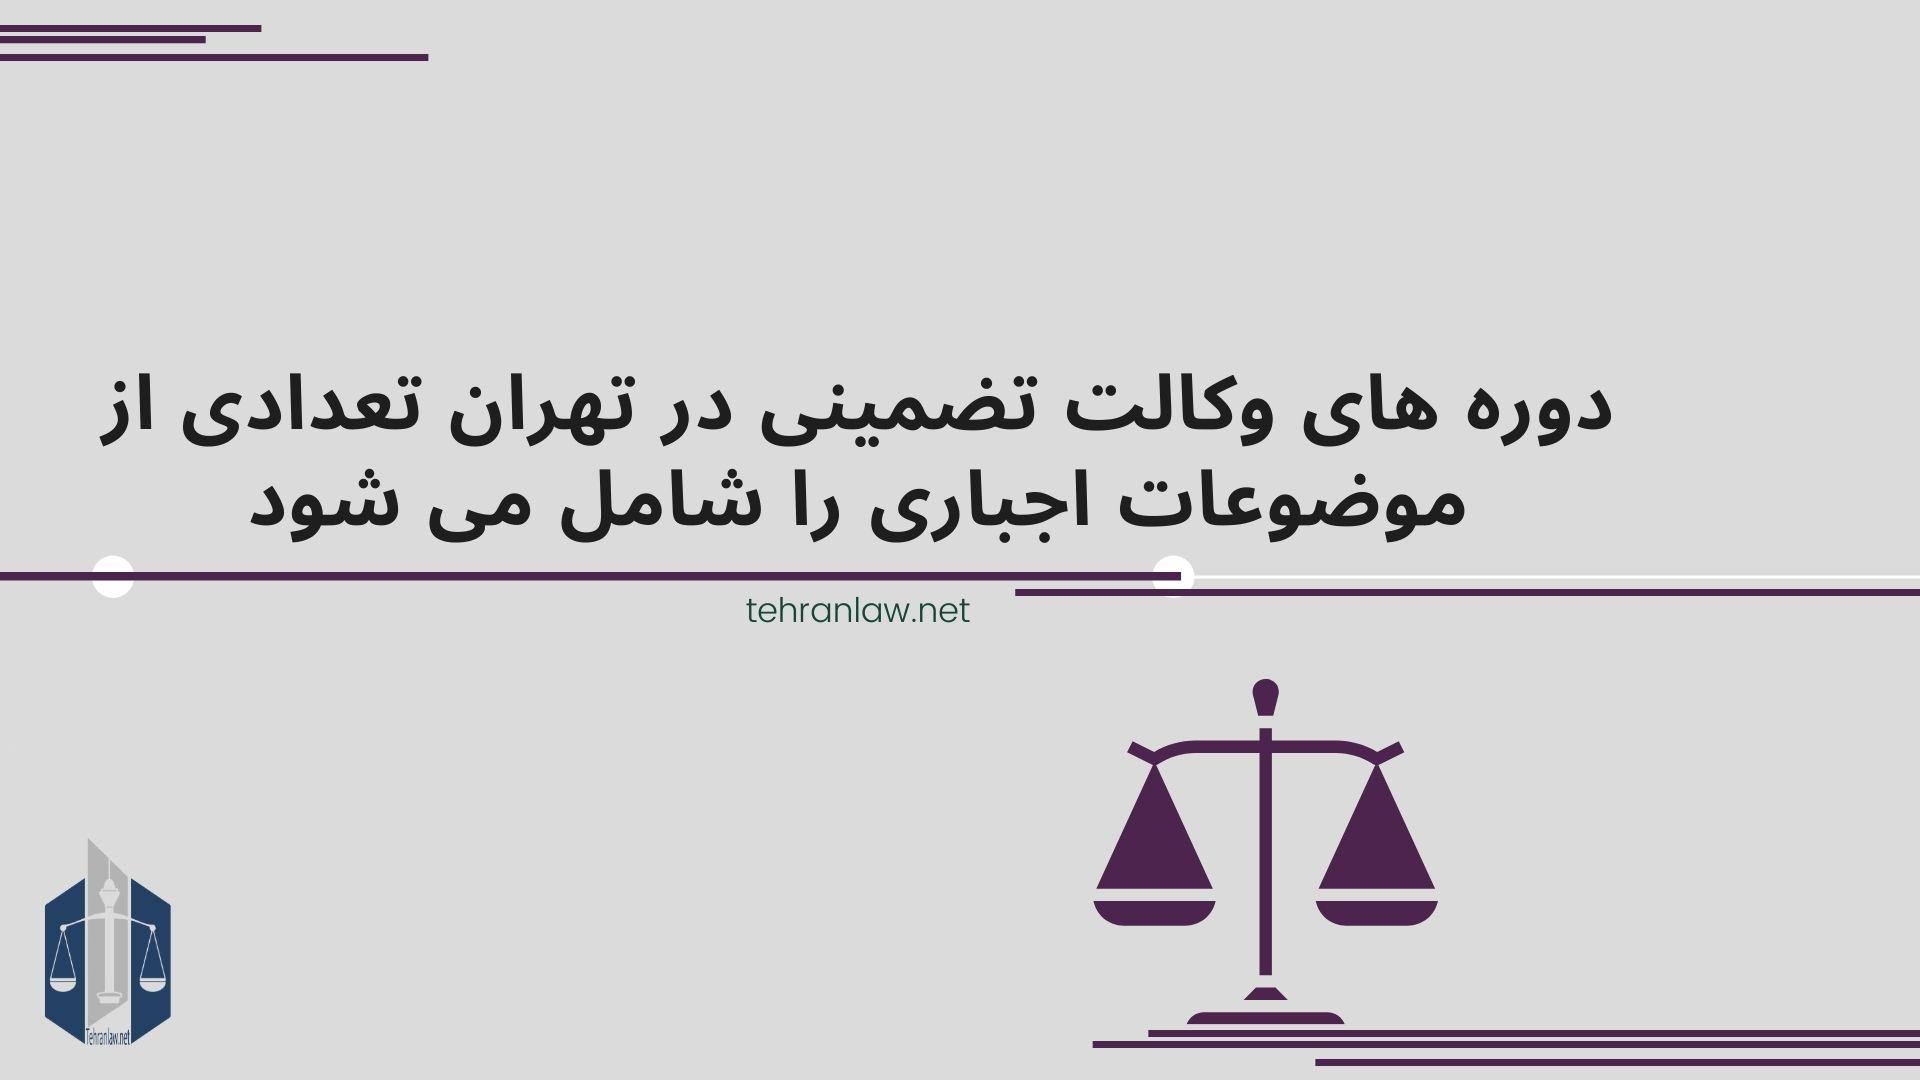 دوره های وکالت تضمینی در تهران تعدادی از موضوعات اجباری را شامل می شود: